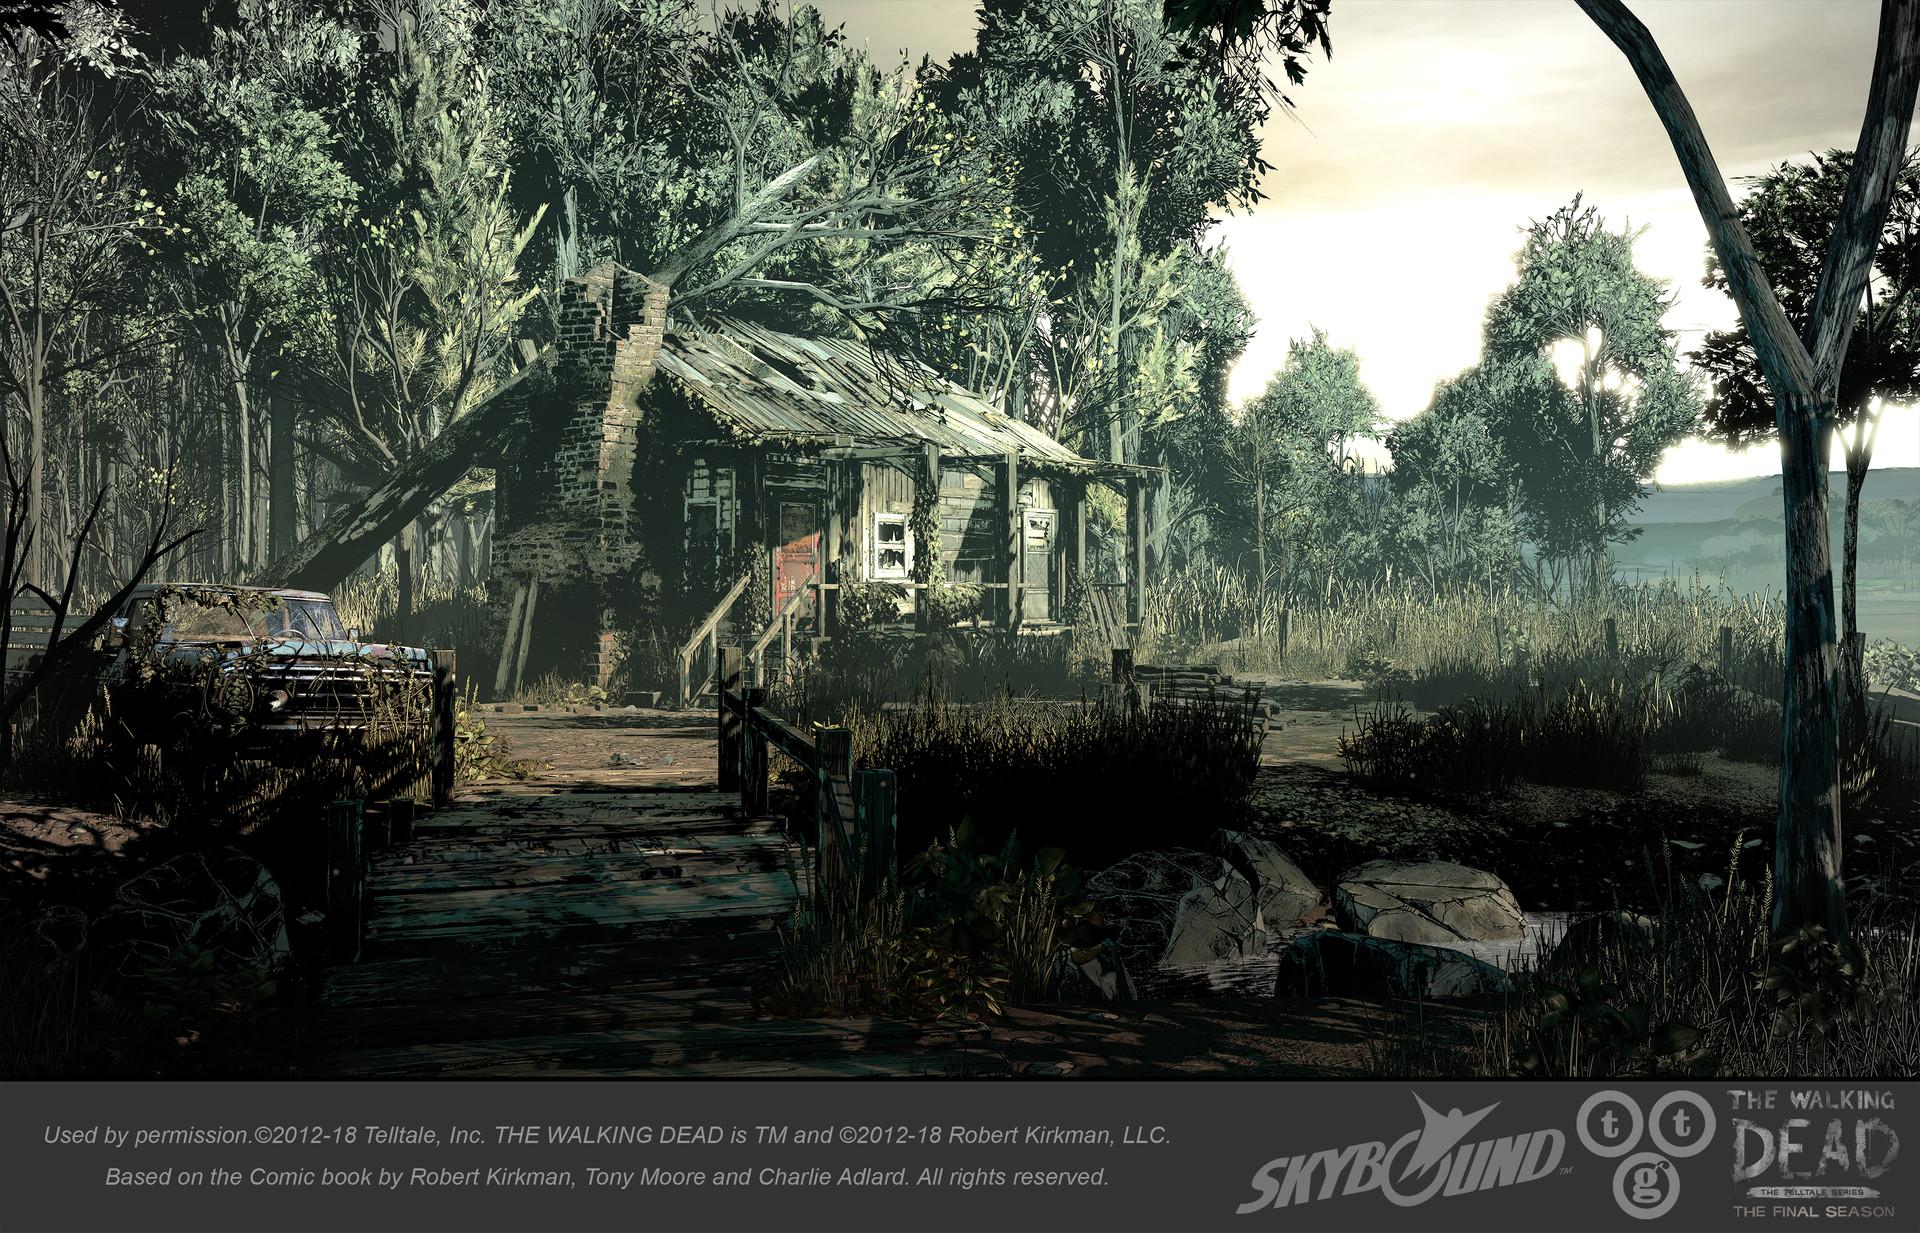 ArtStation - The Walking Dead - The Final Season: Forest